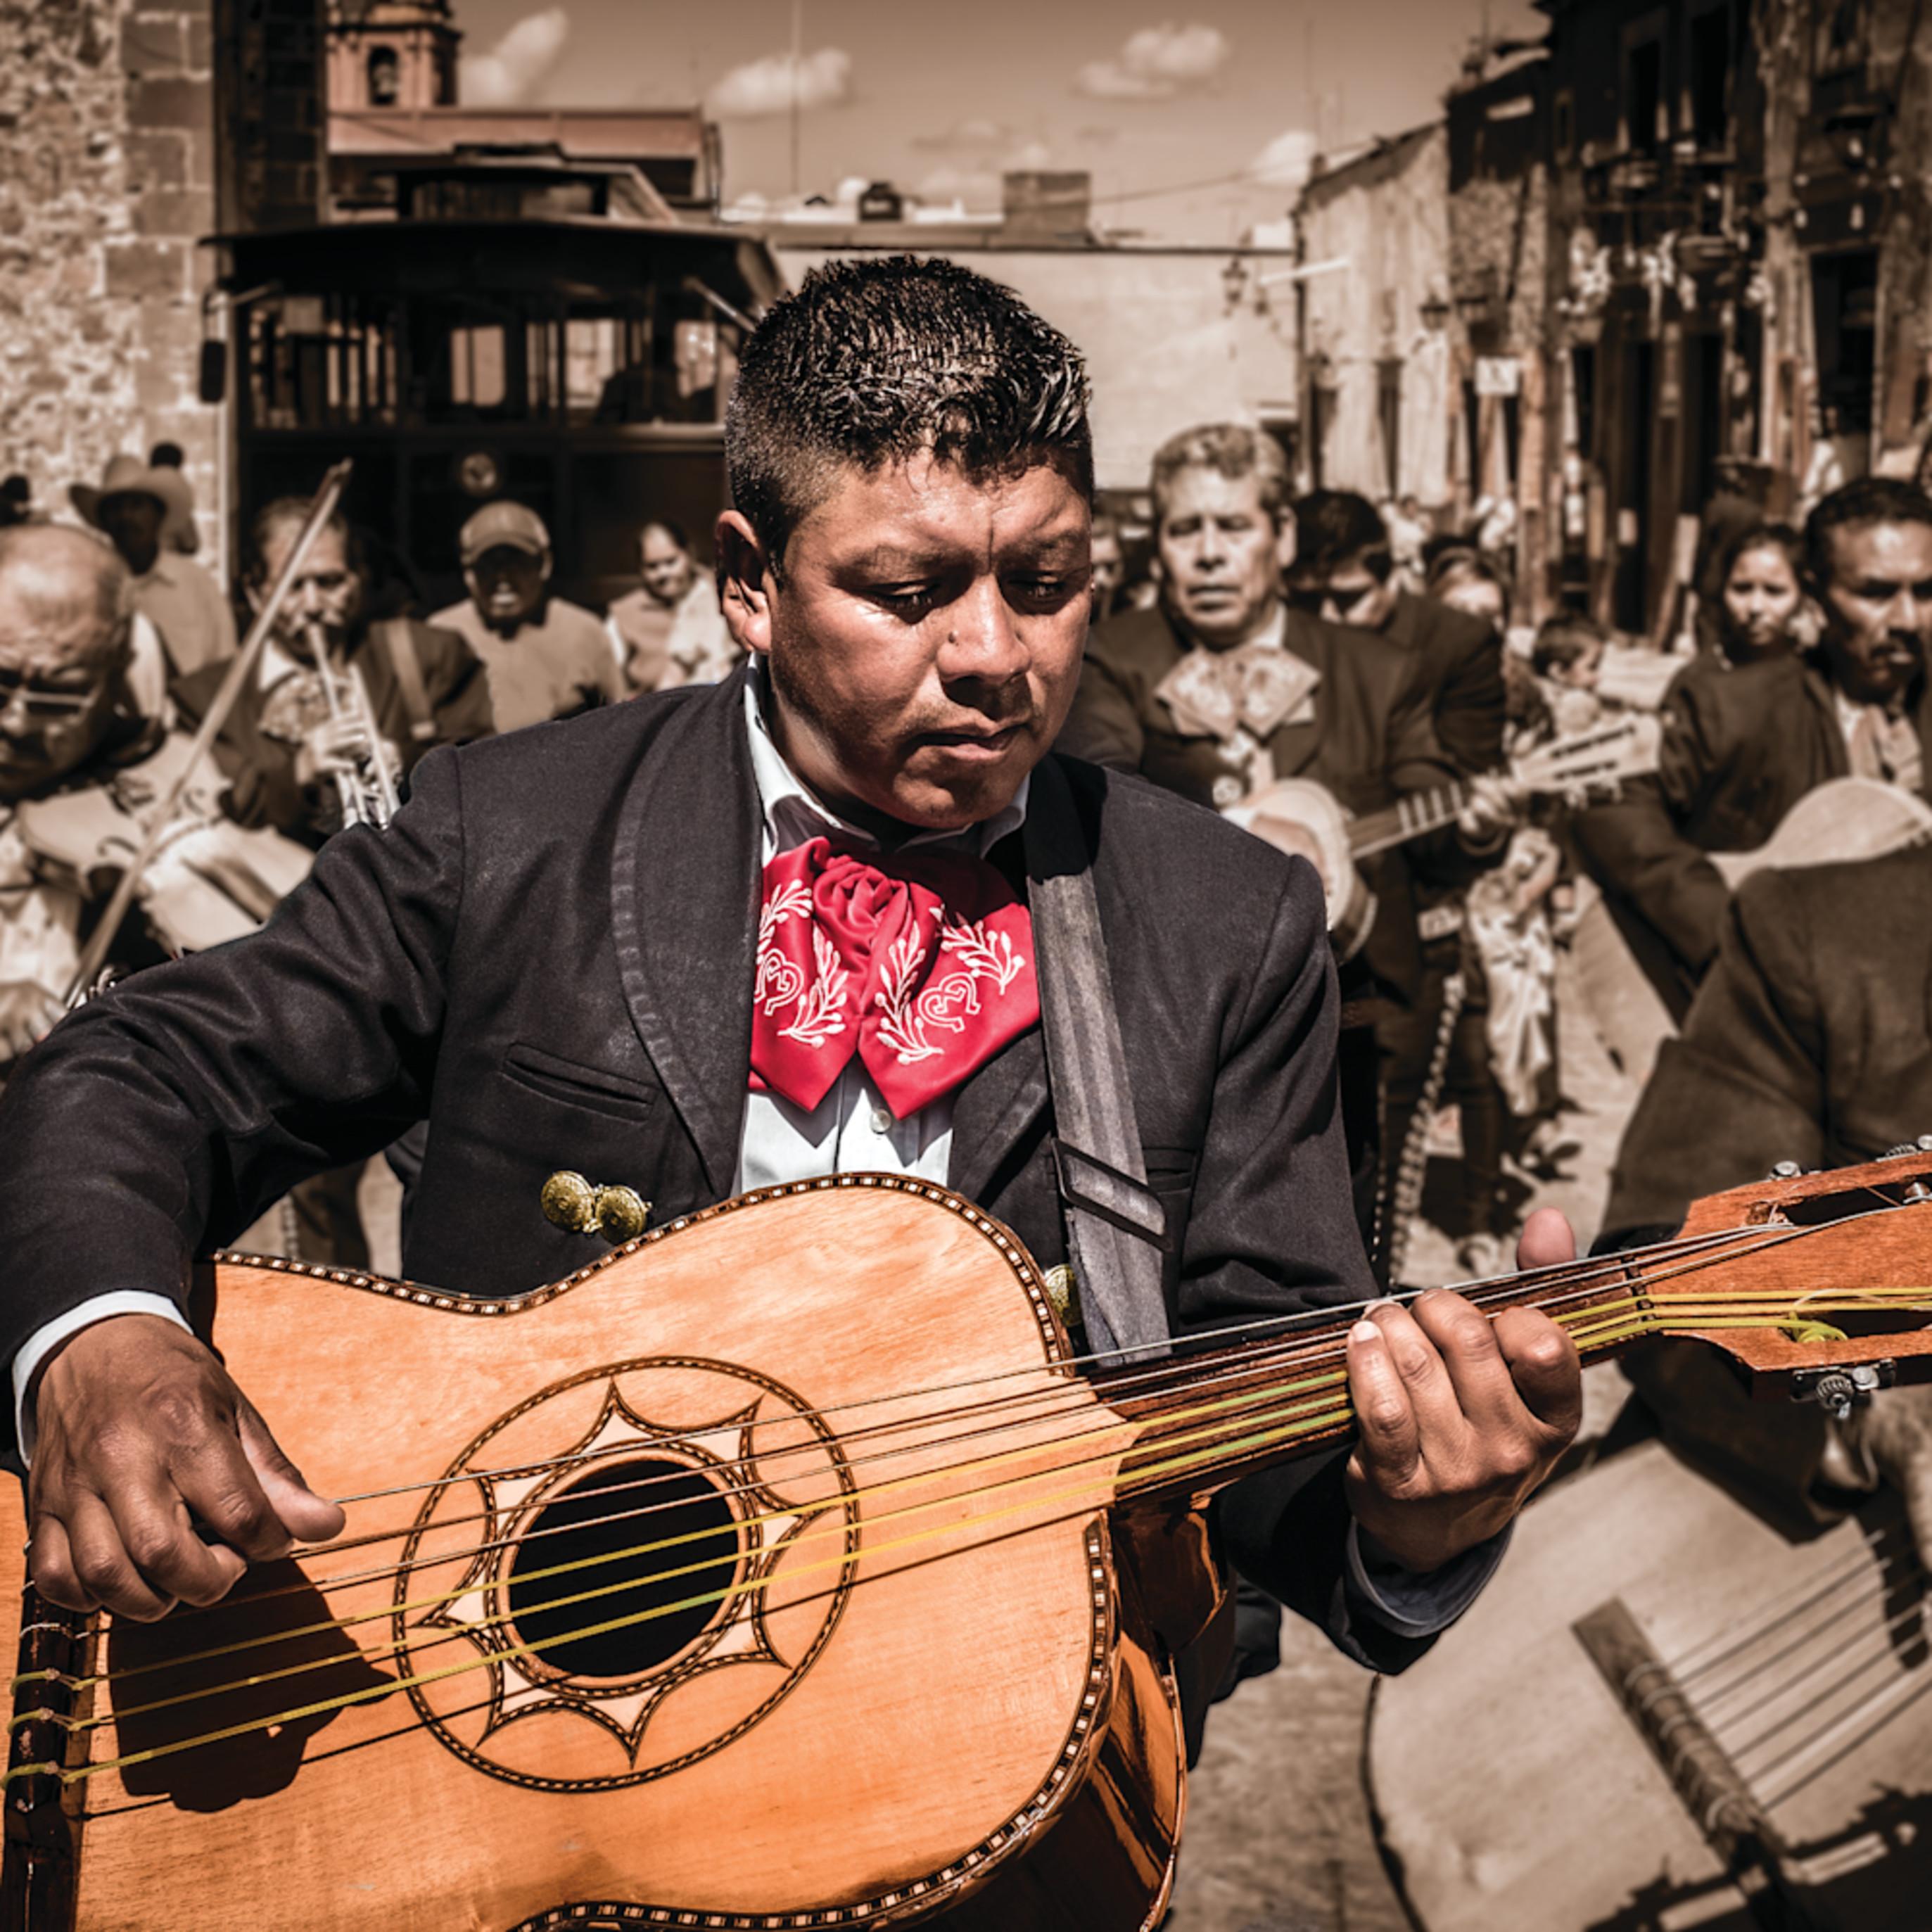 Maestro guitarro%cc%81n 300dpi bgu2r6